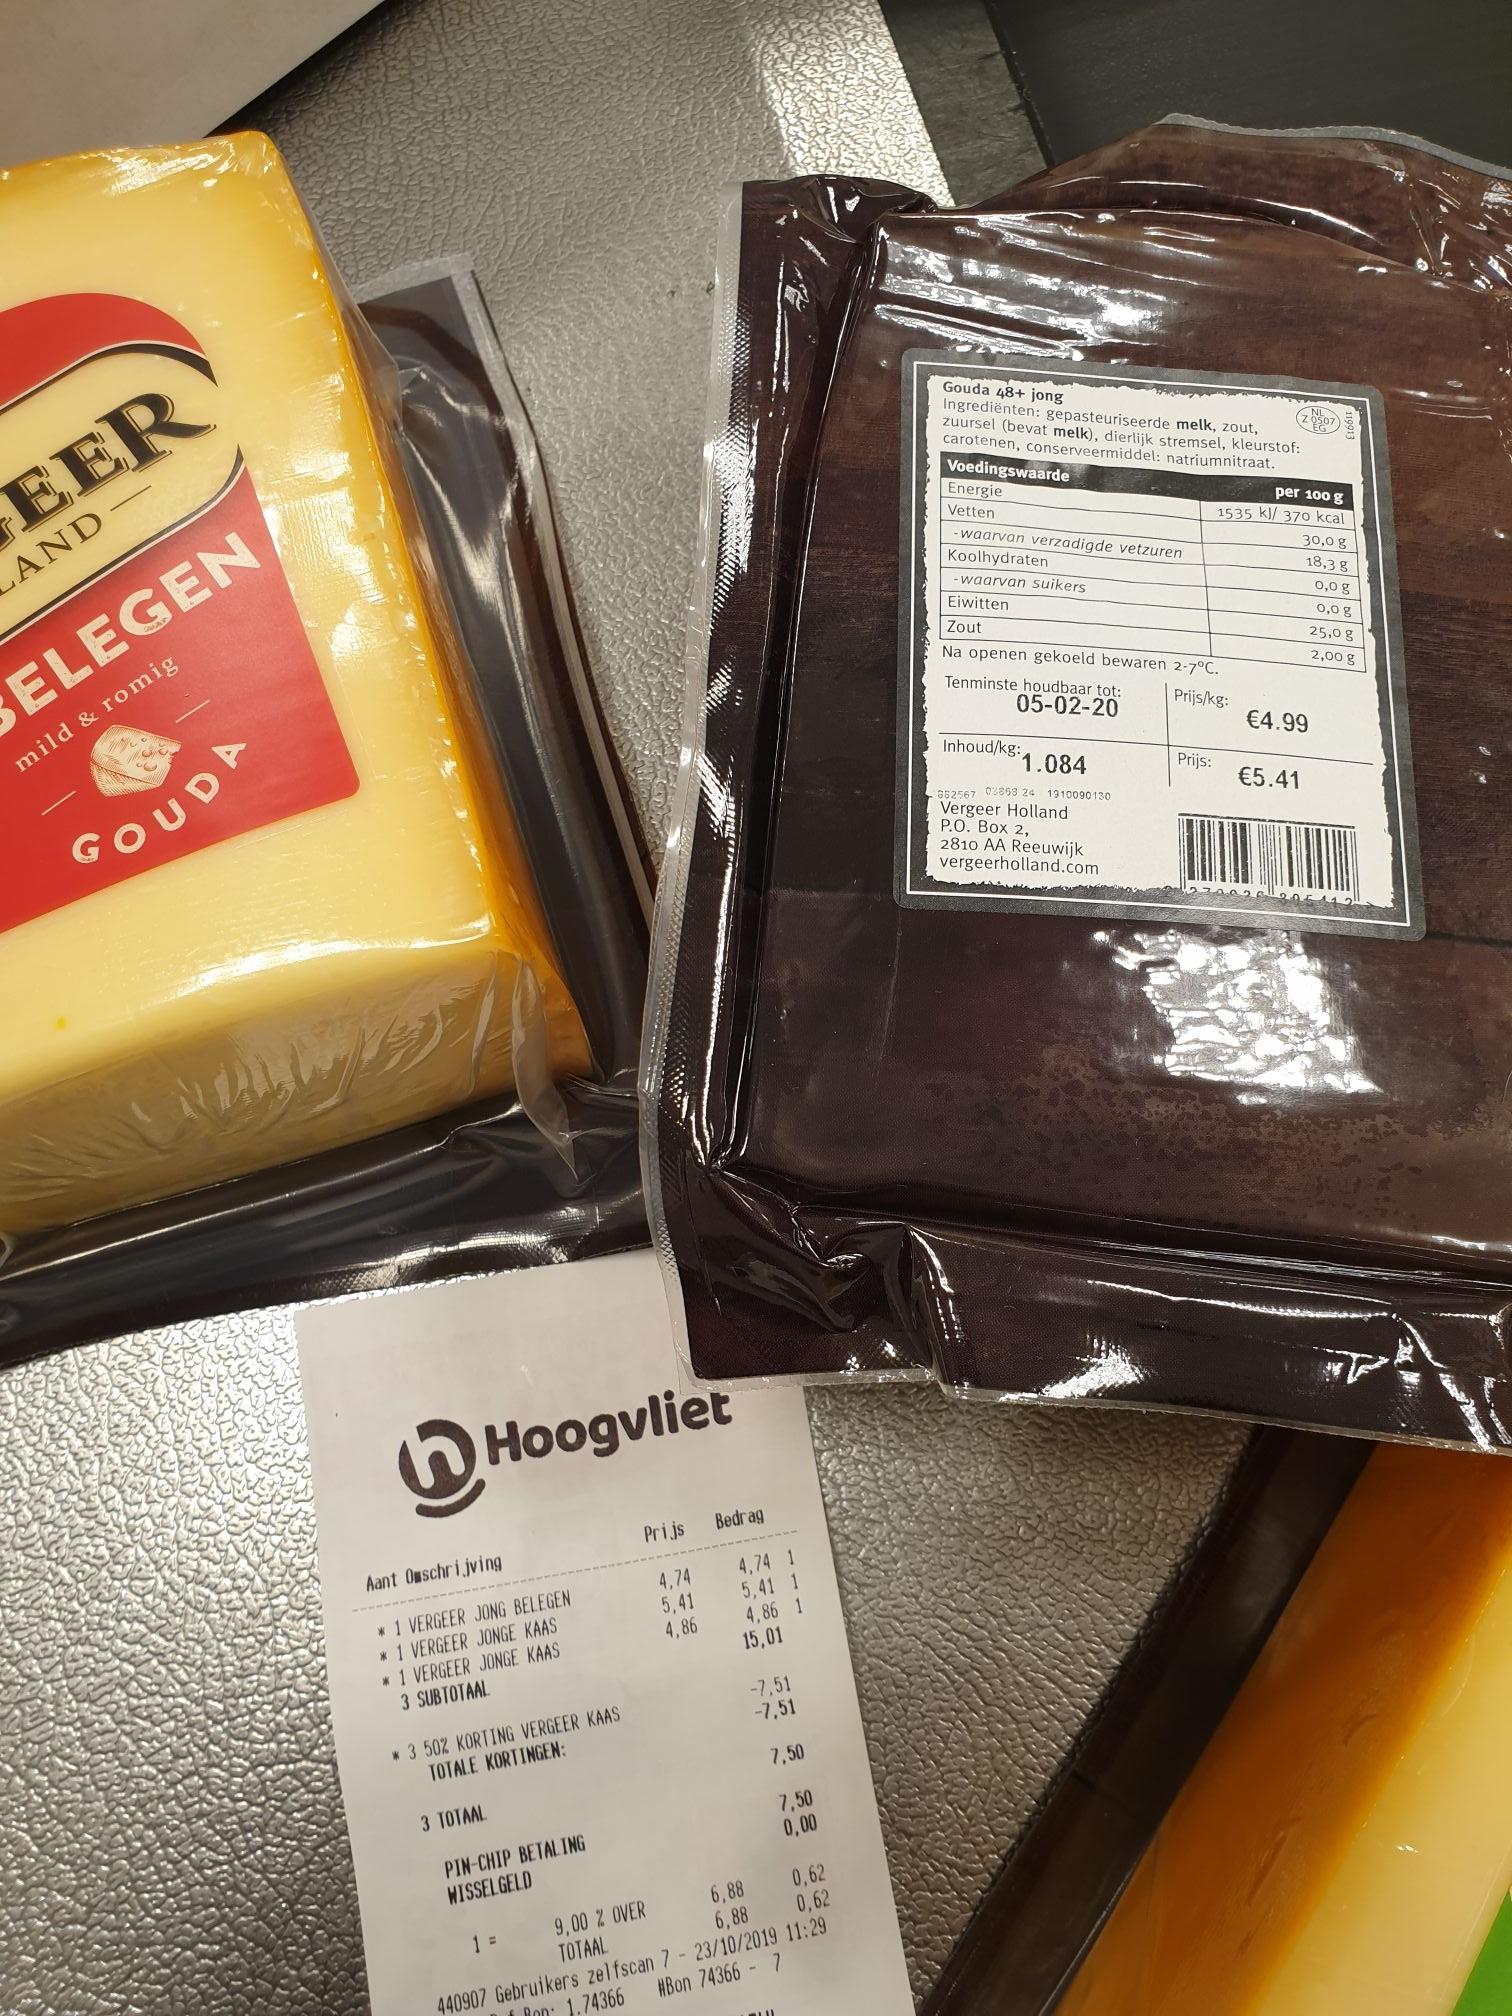 Prijsfout stukken kaas van vergeer @ hoogvliet